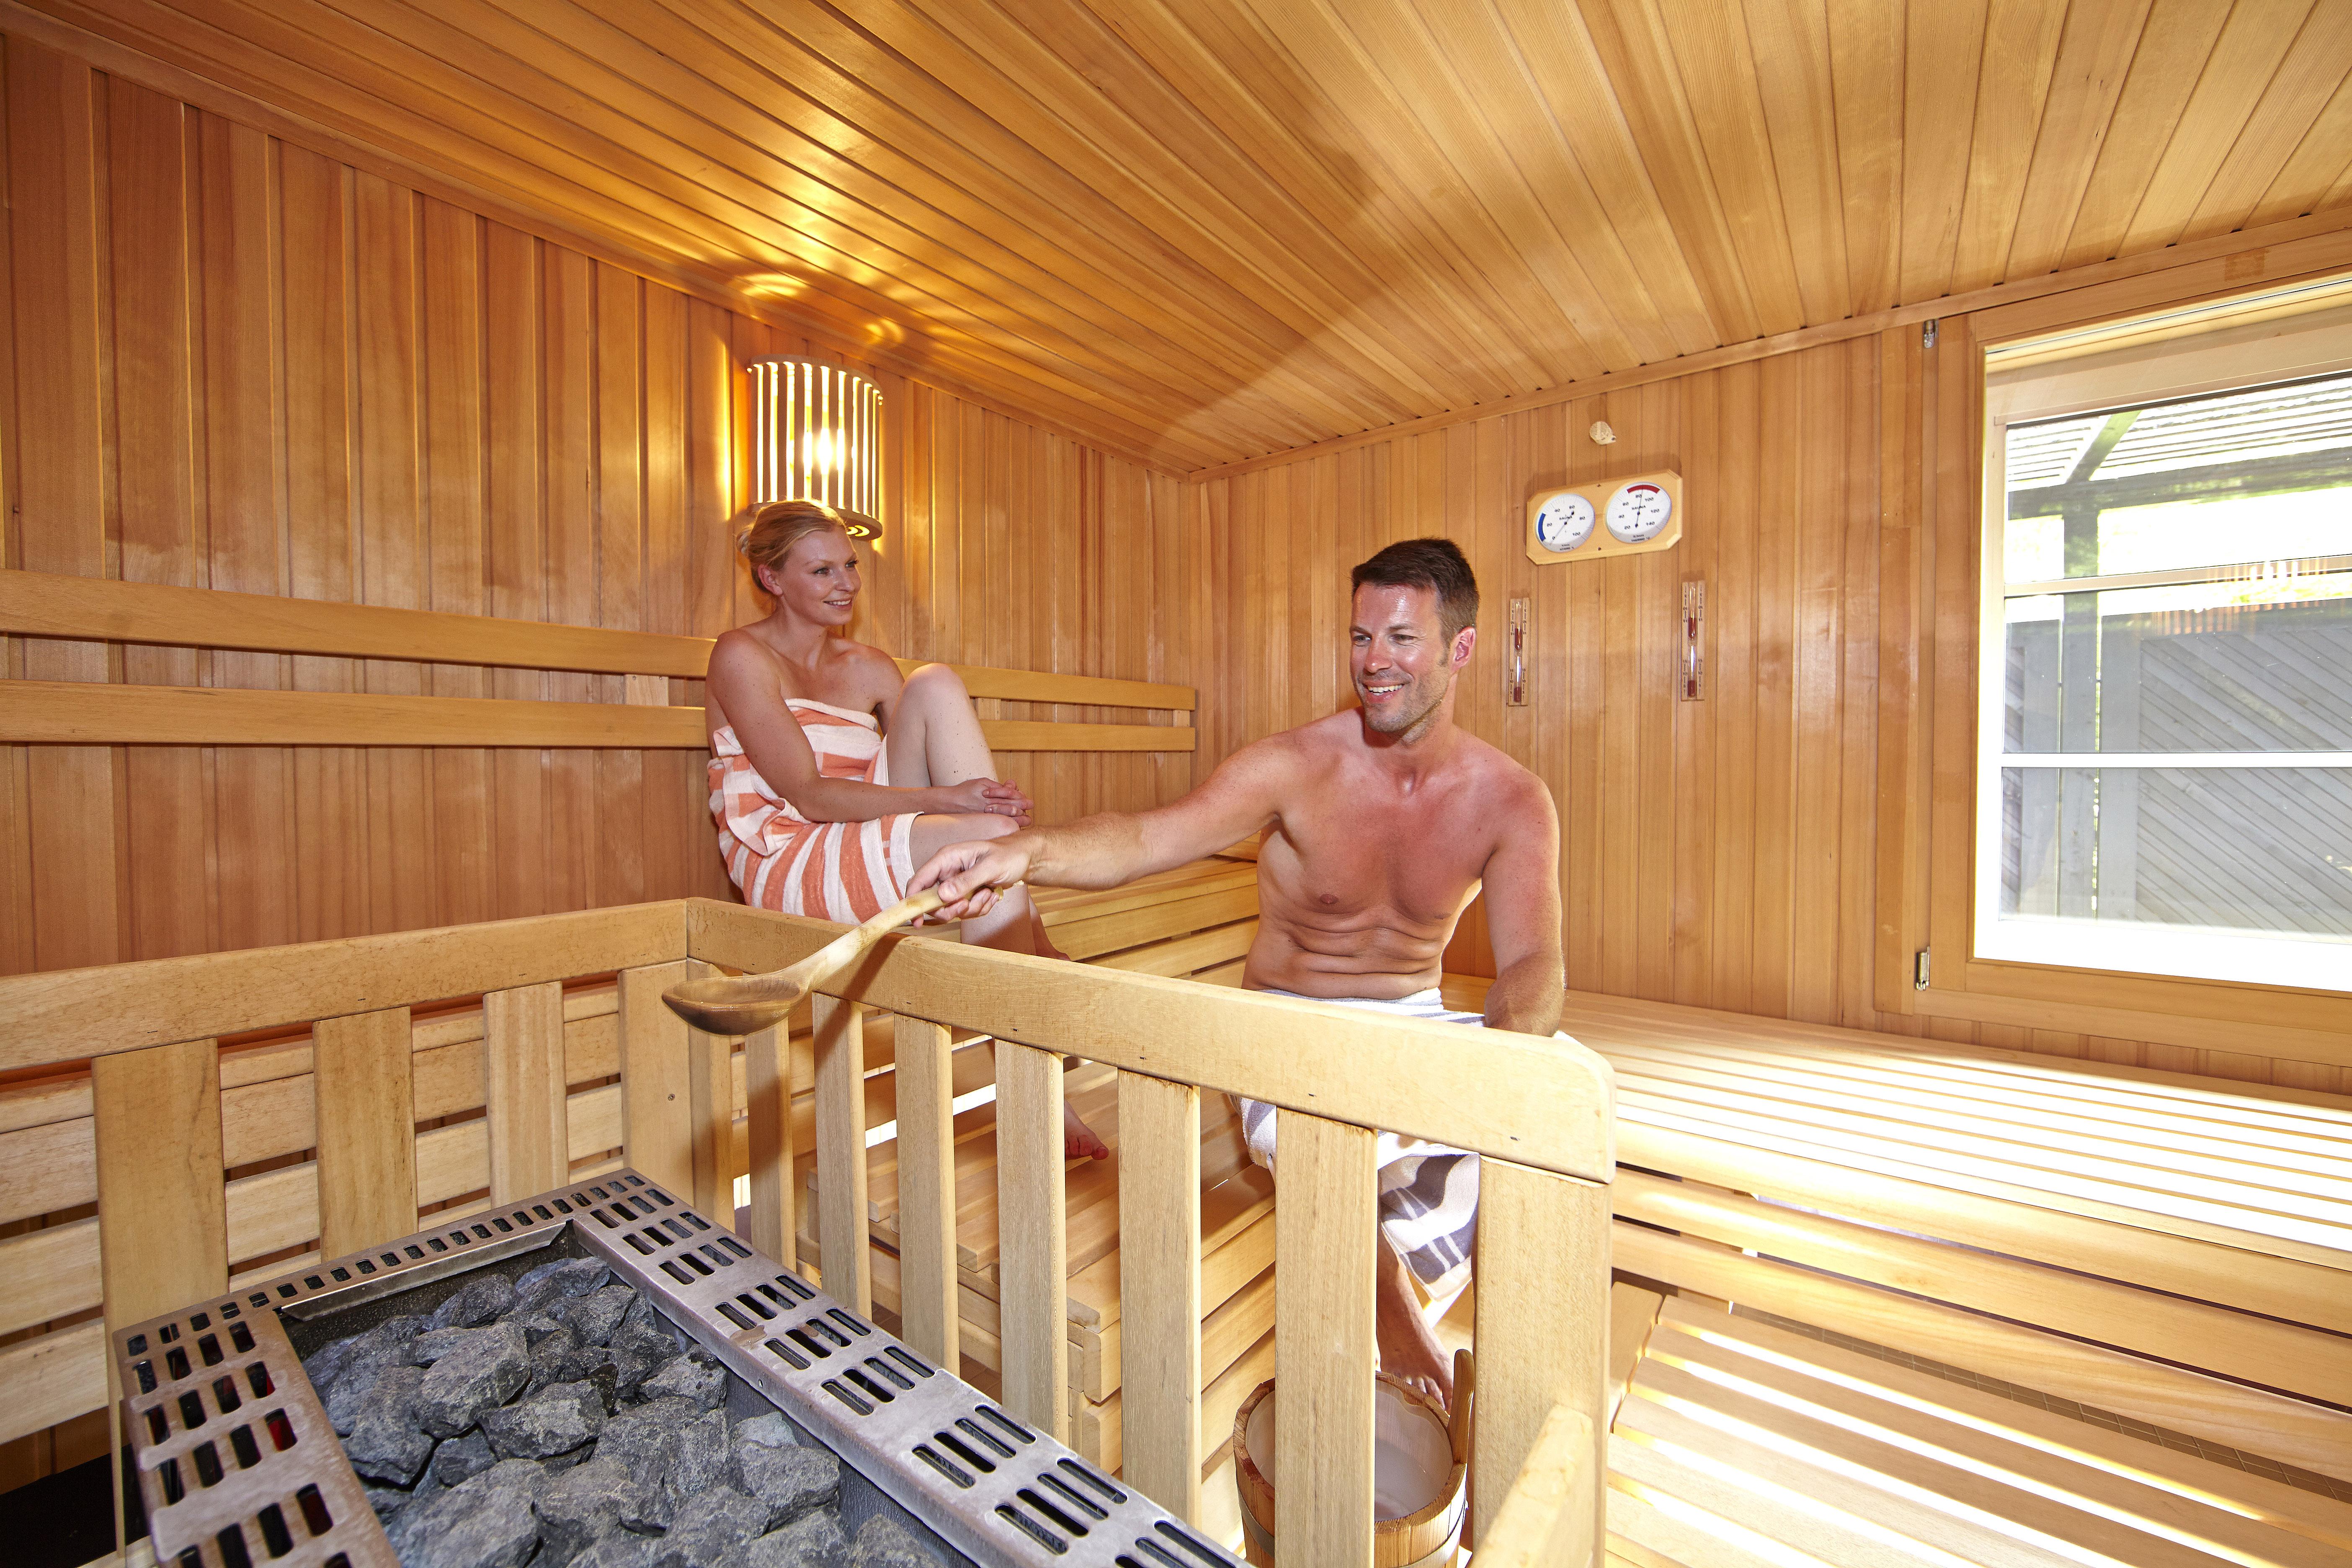 relexa hotel Harz-Wald - Braunlage - Sauna